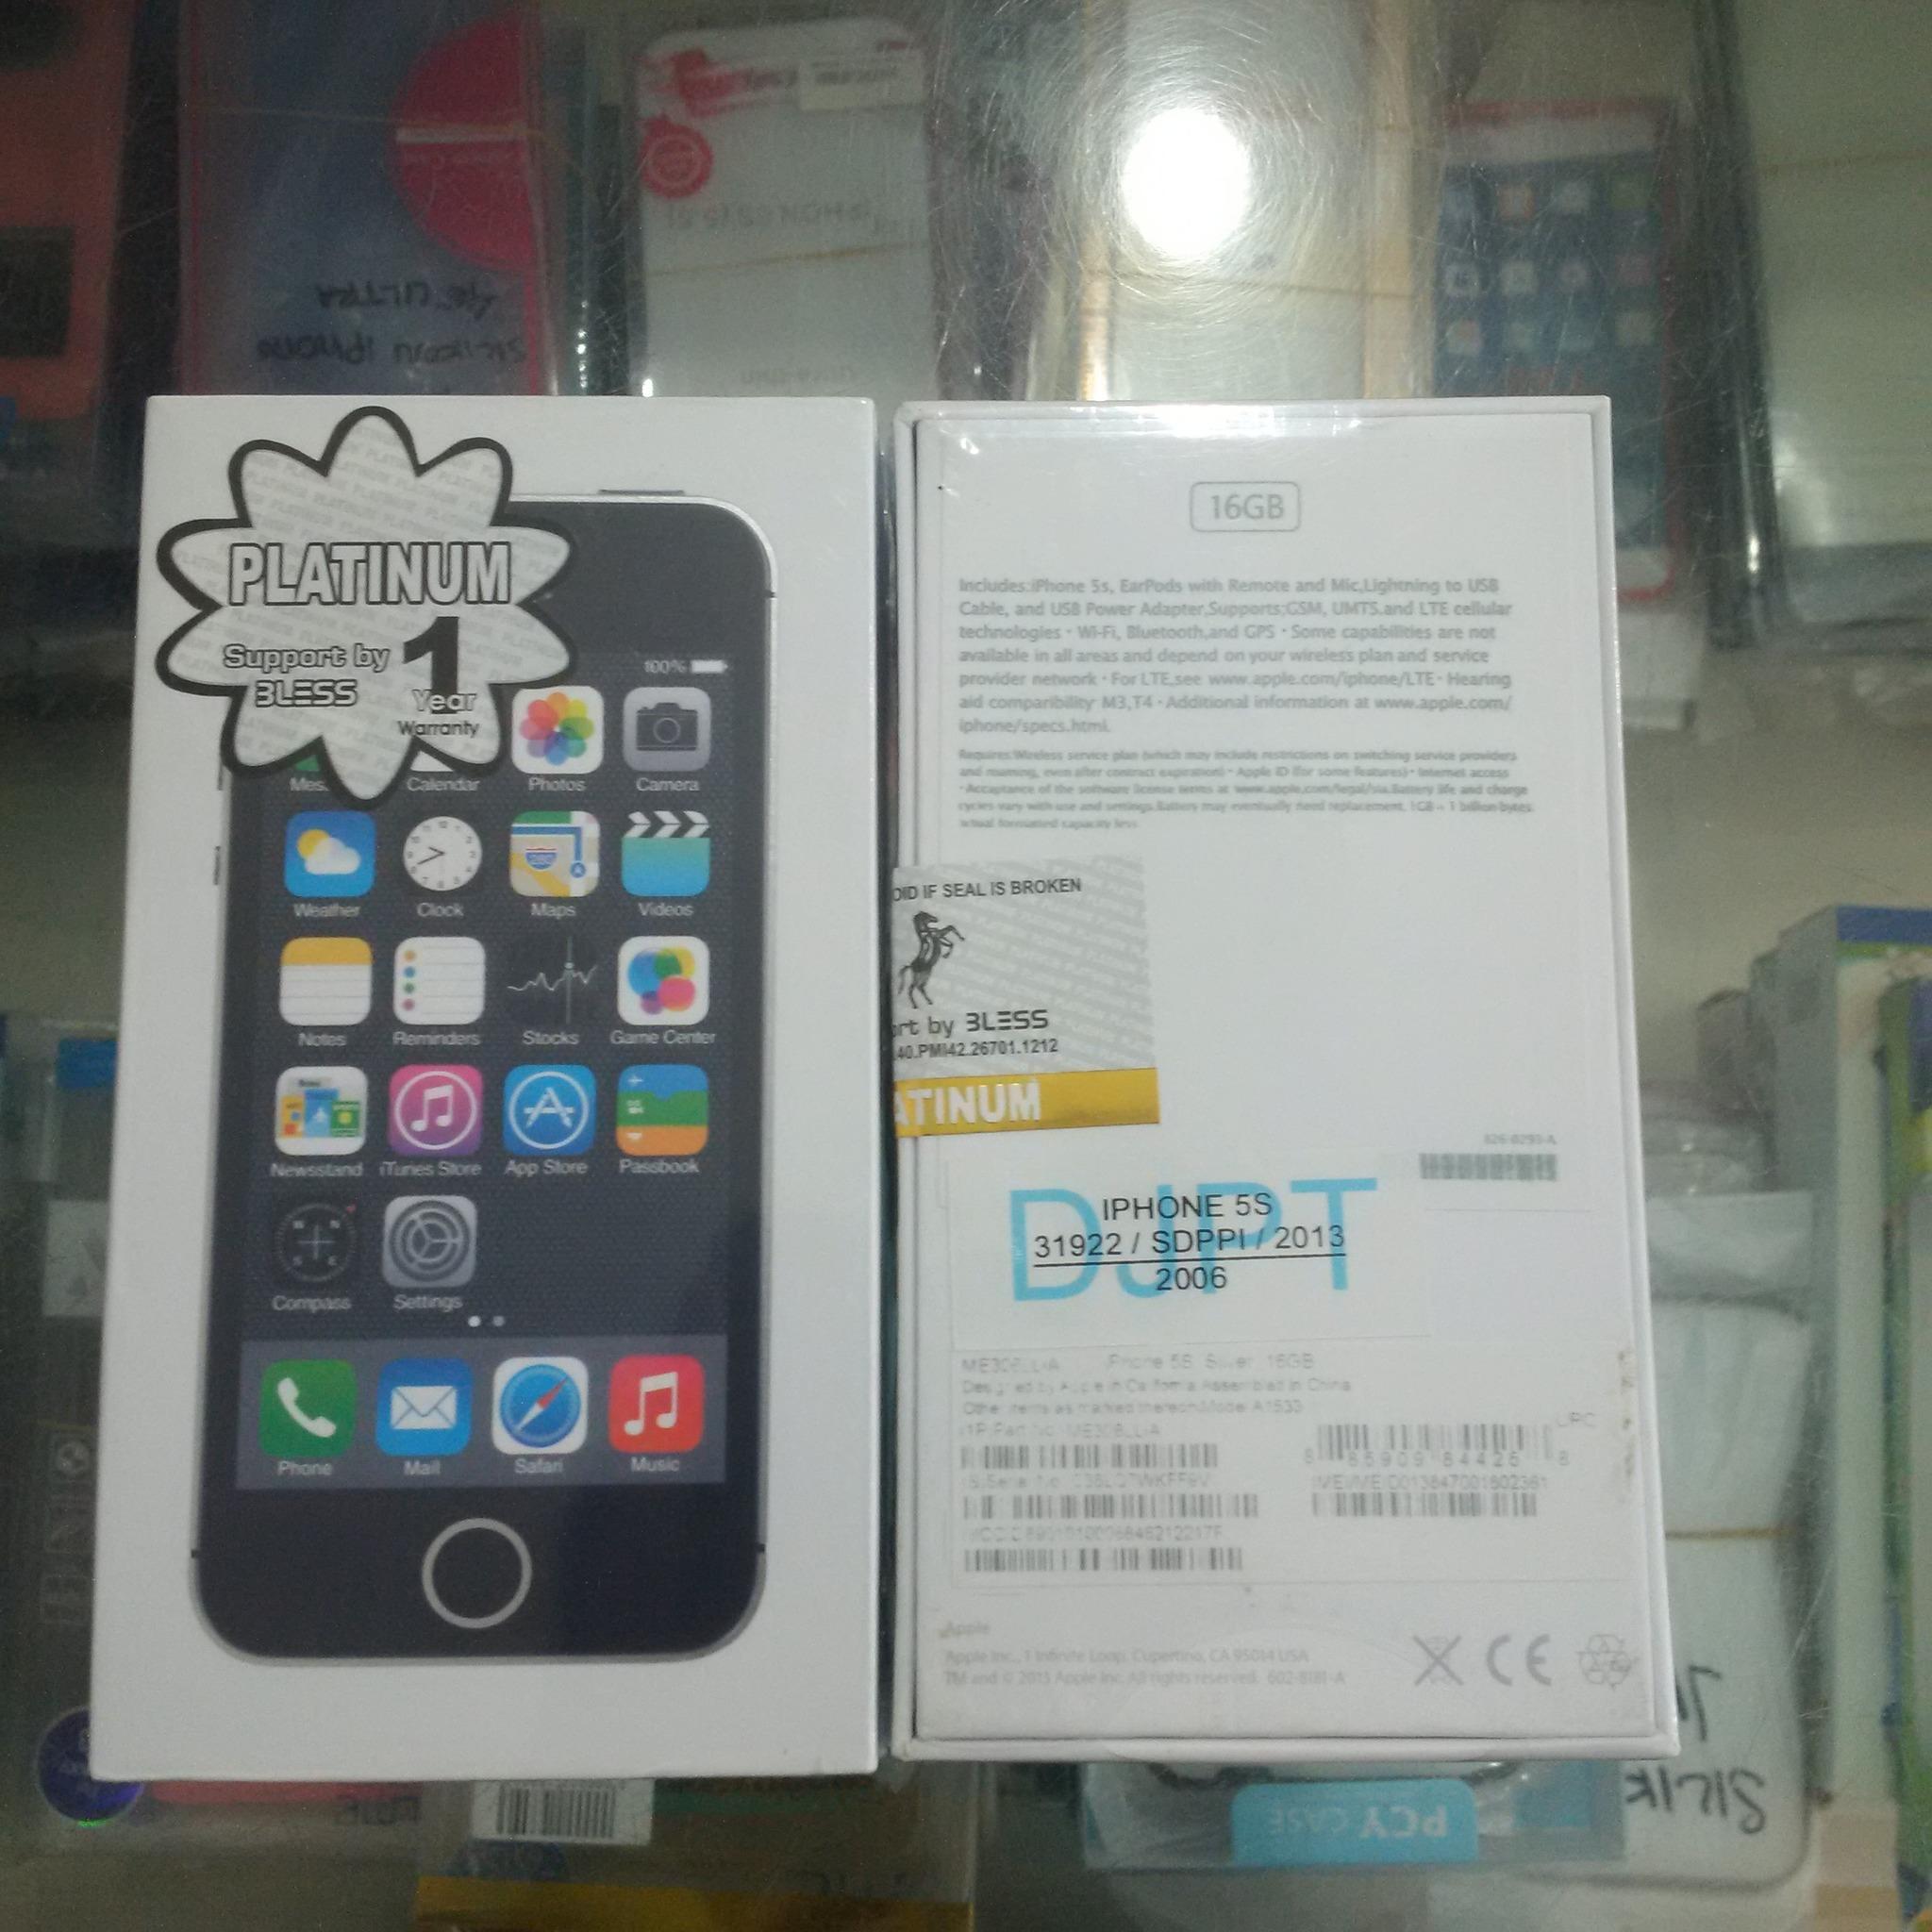 Seller Effie7788 Cari Jutaan Harga Dari Ribuan Toko Online Di Iphone 5 16 Gb Garansi 1 Tahun Apple 5s 32gb Gray Gsm Distributor Platinum Tokopediacom